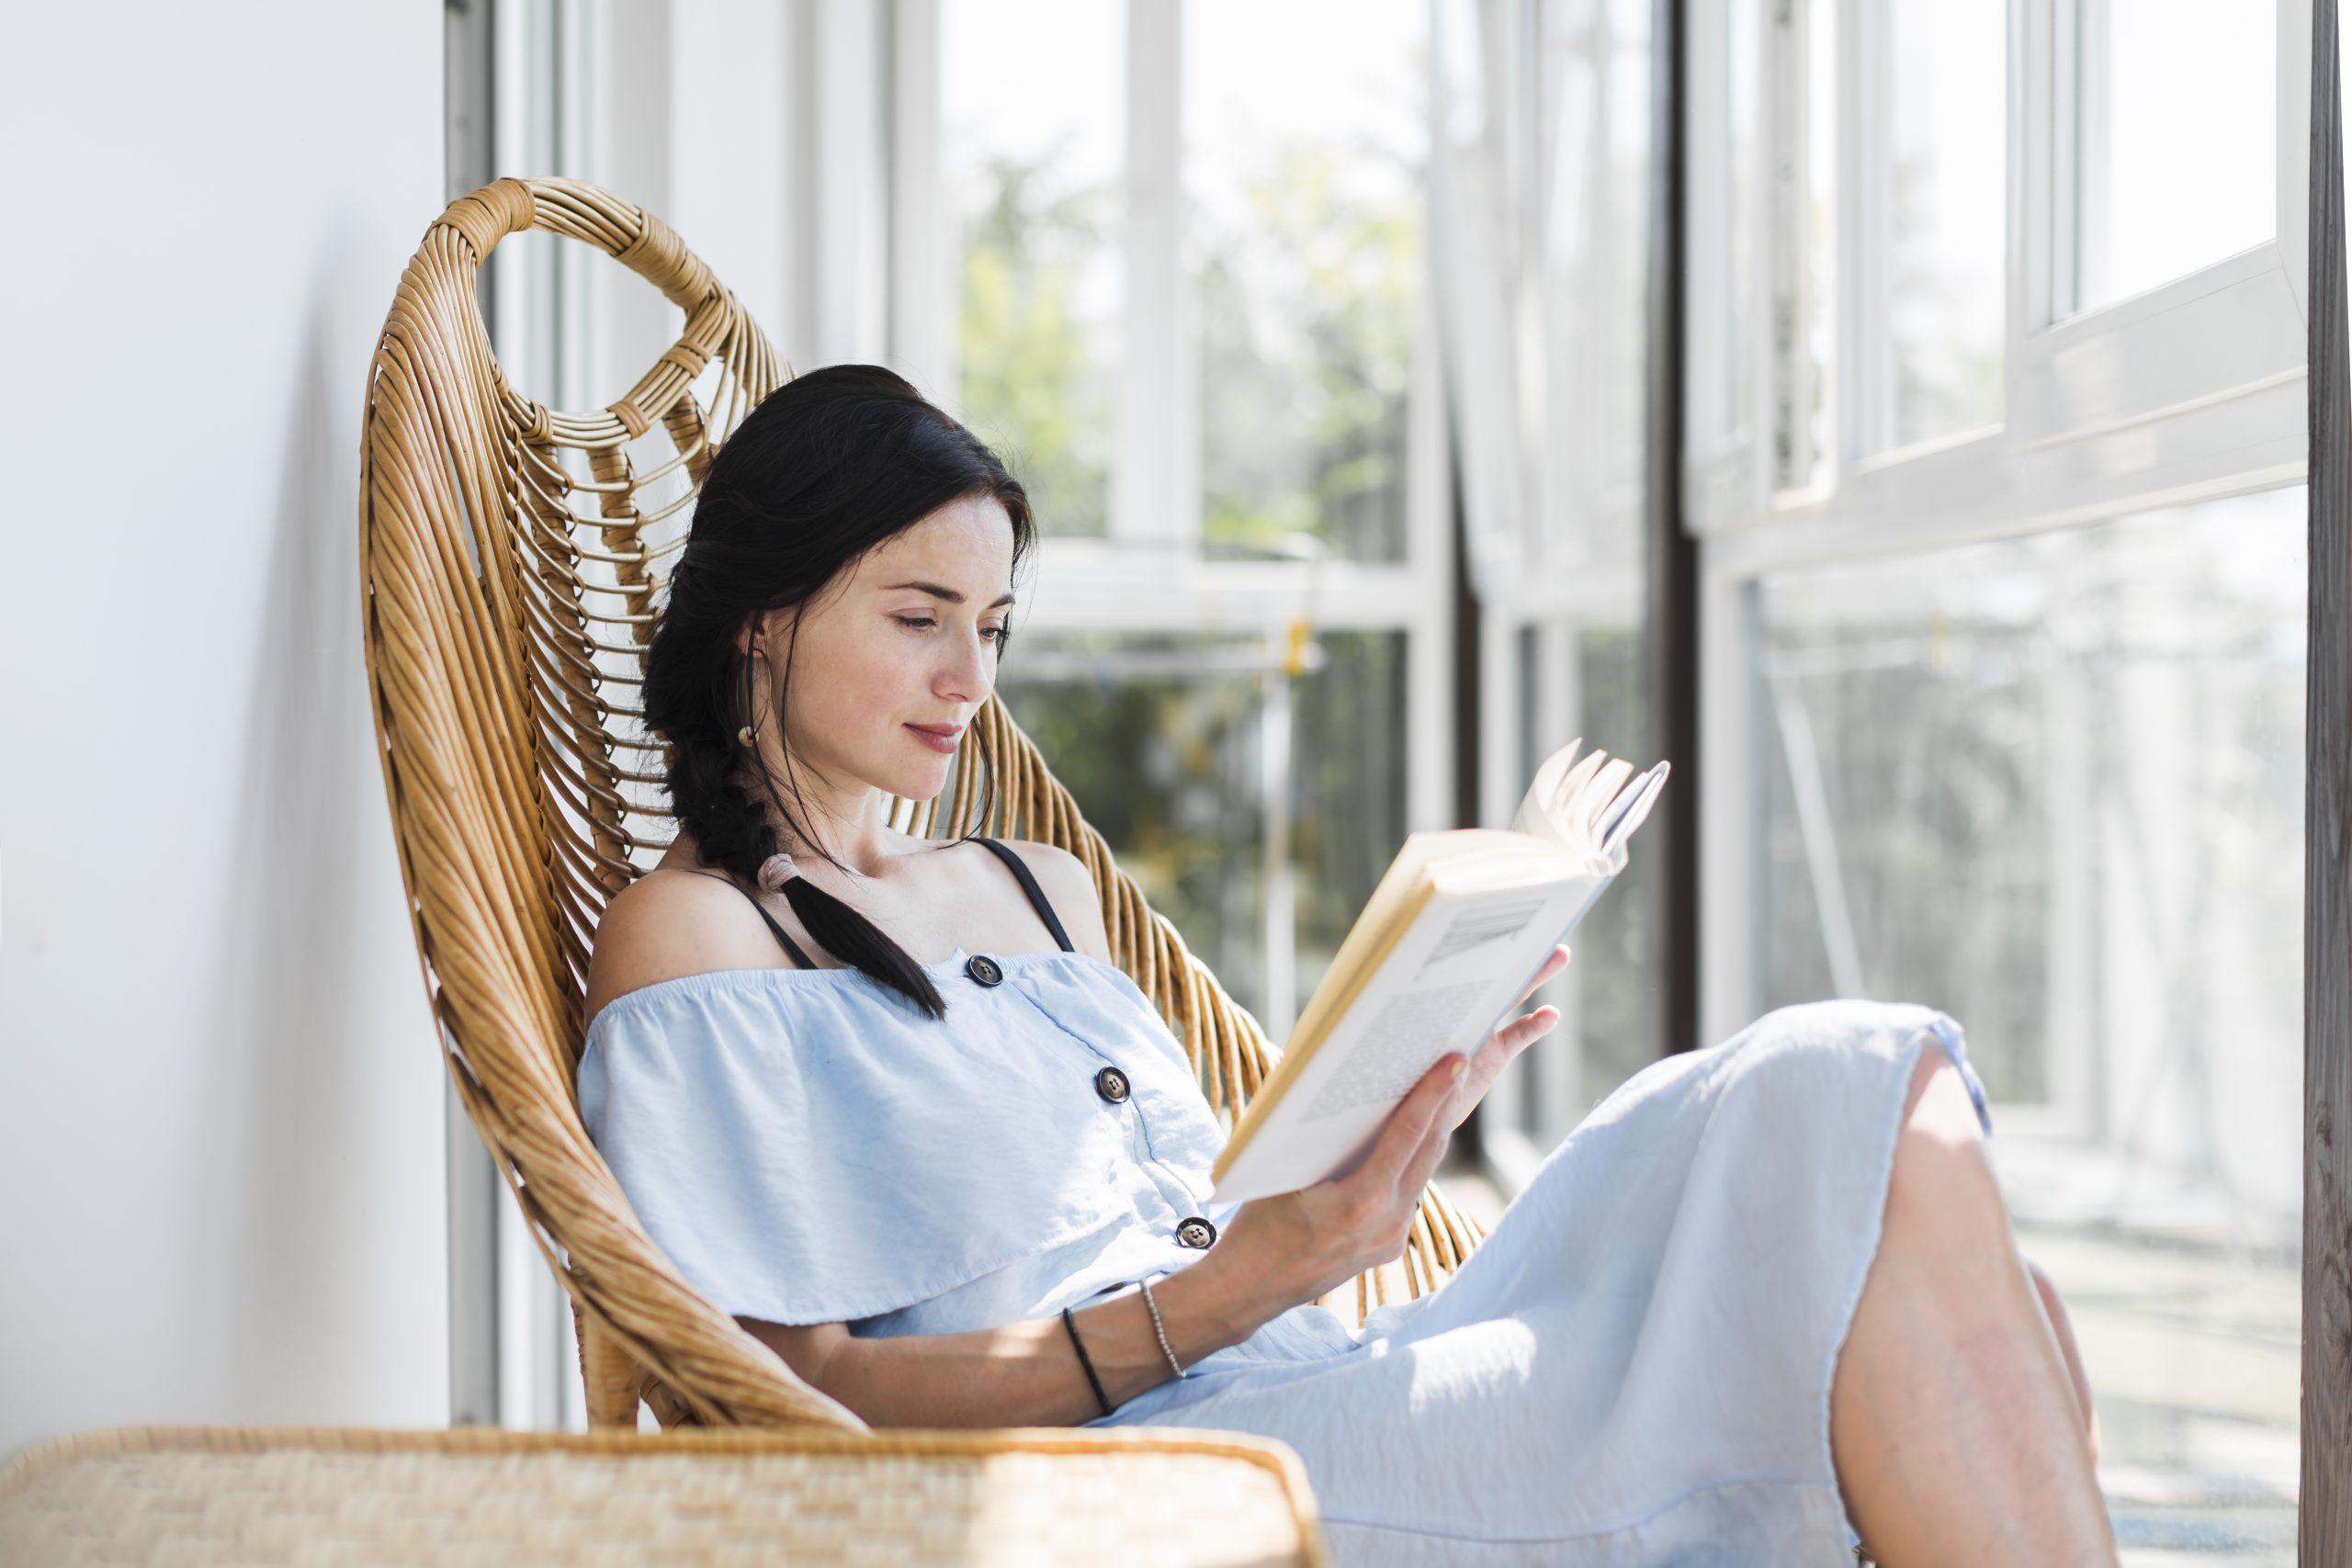 piața online de carte, Cum arată piața online de carte în România